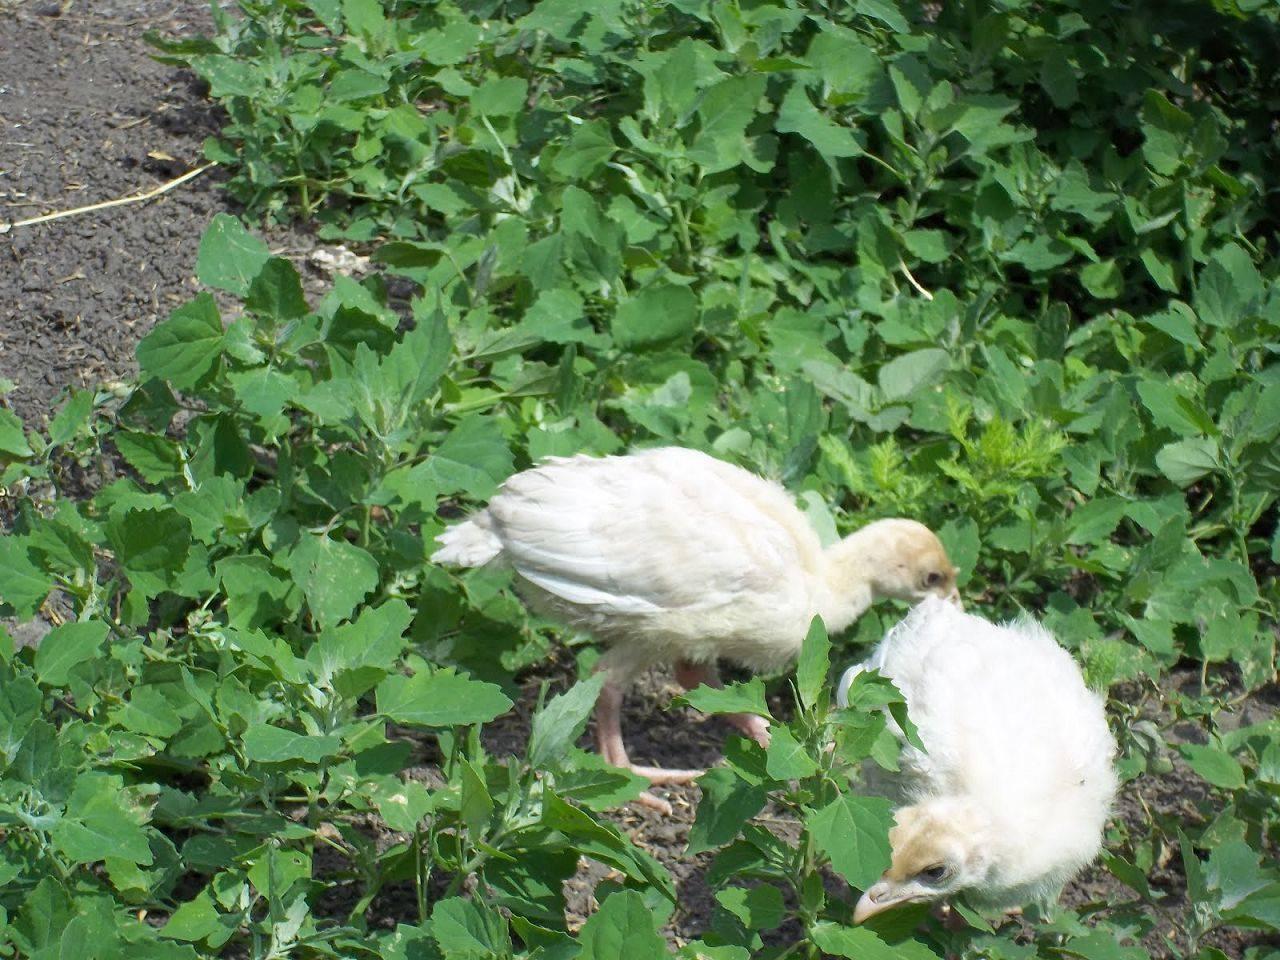 Какой травой можно кормить кур несушек и бройлеров